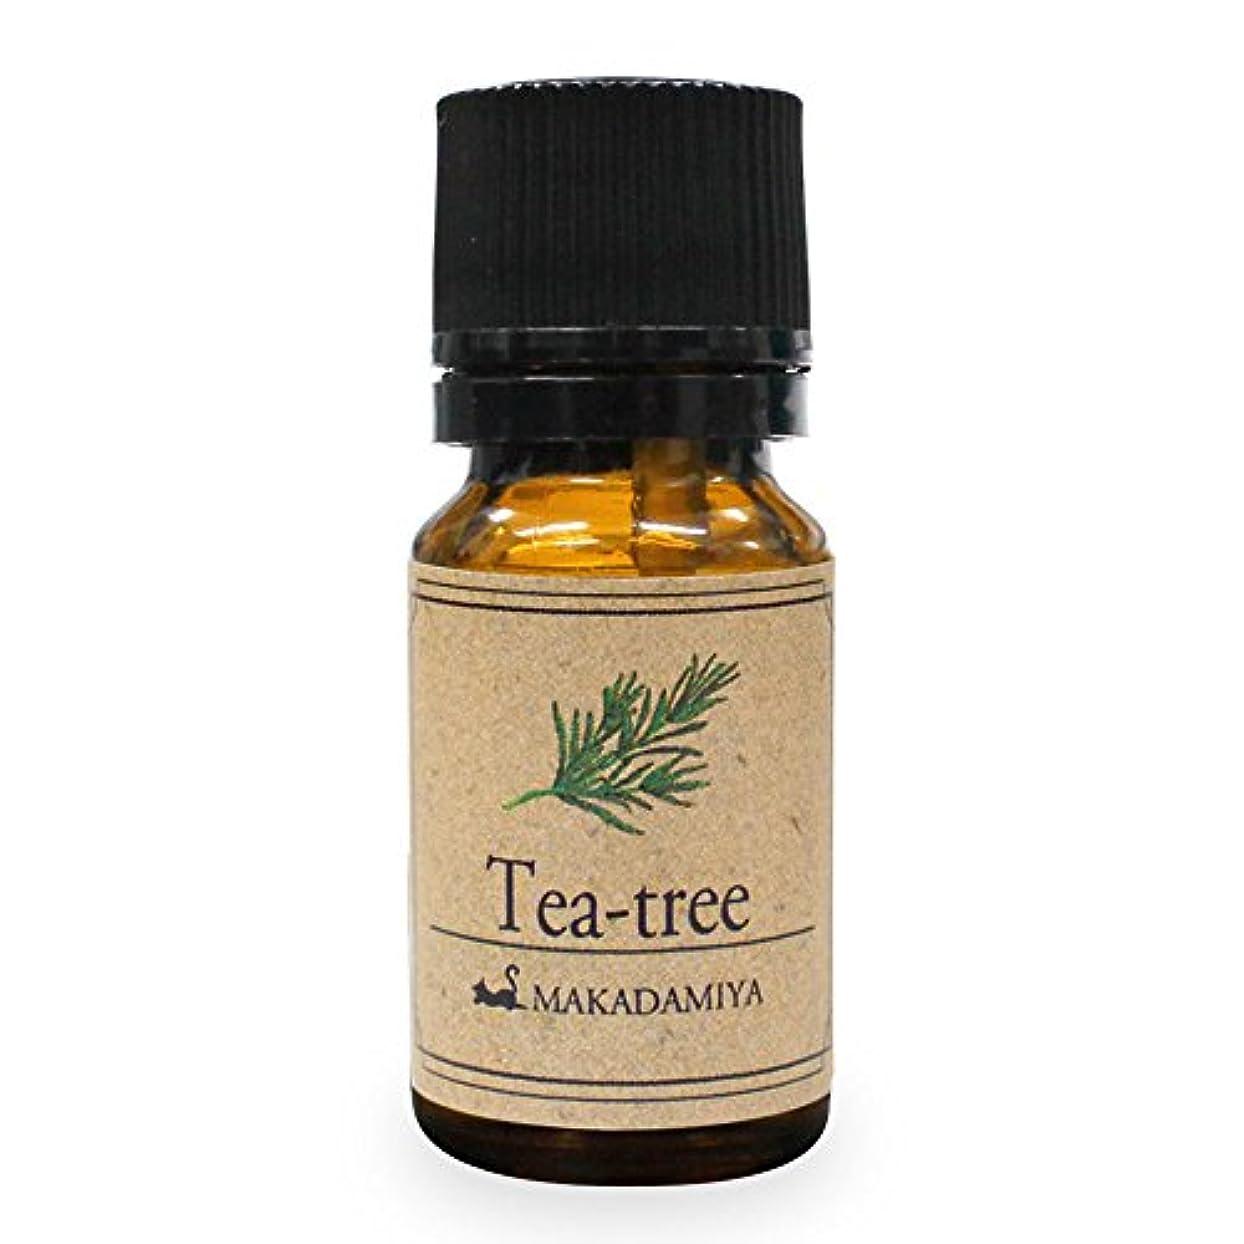 ごみスペア写真を撮るティーツリー10ml 天然100%植物性 エッセンシャルオイル(精油) アロマオイル アロママッサージ aroma Tea-tree